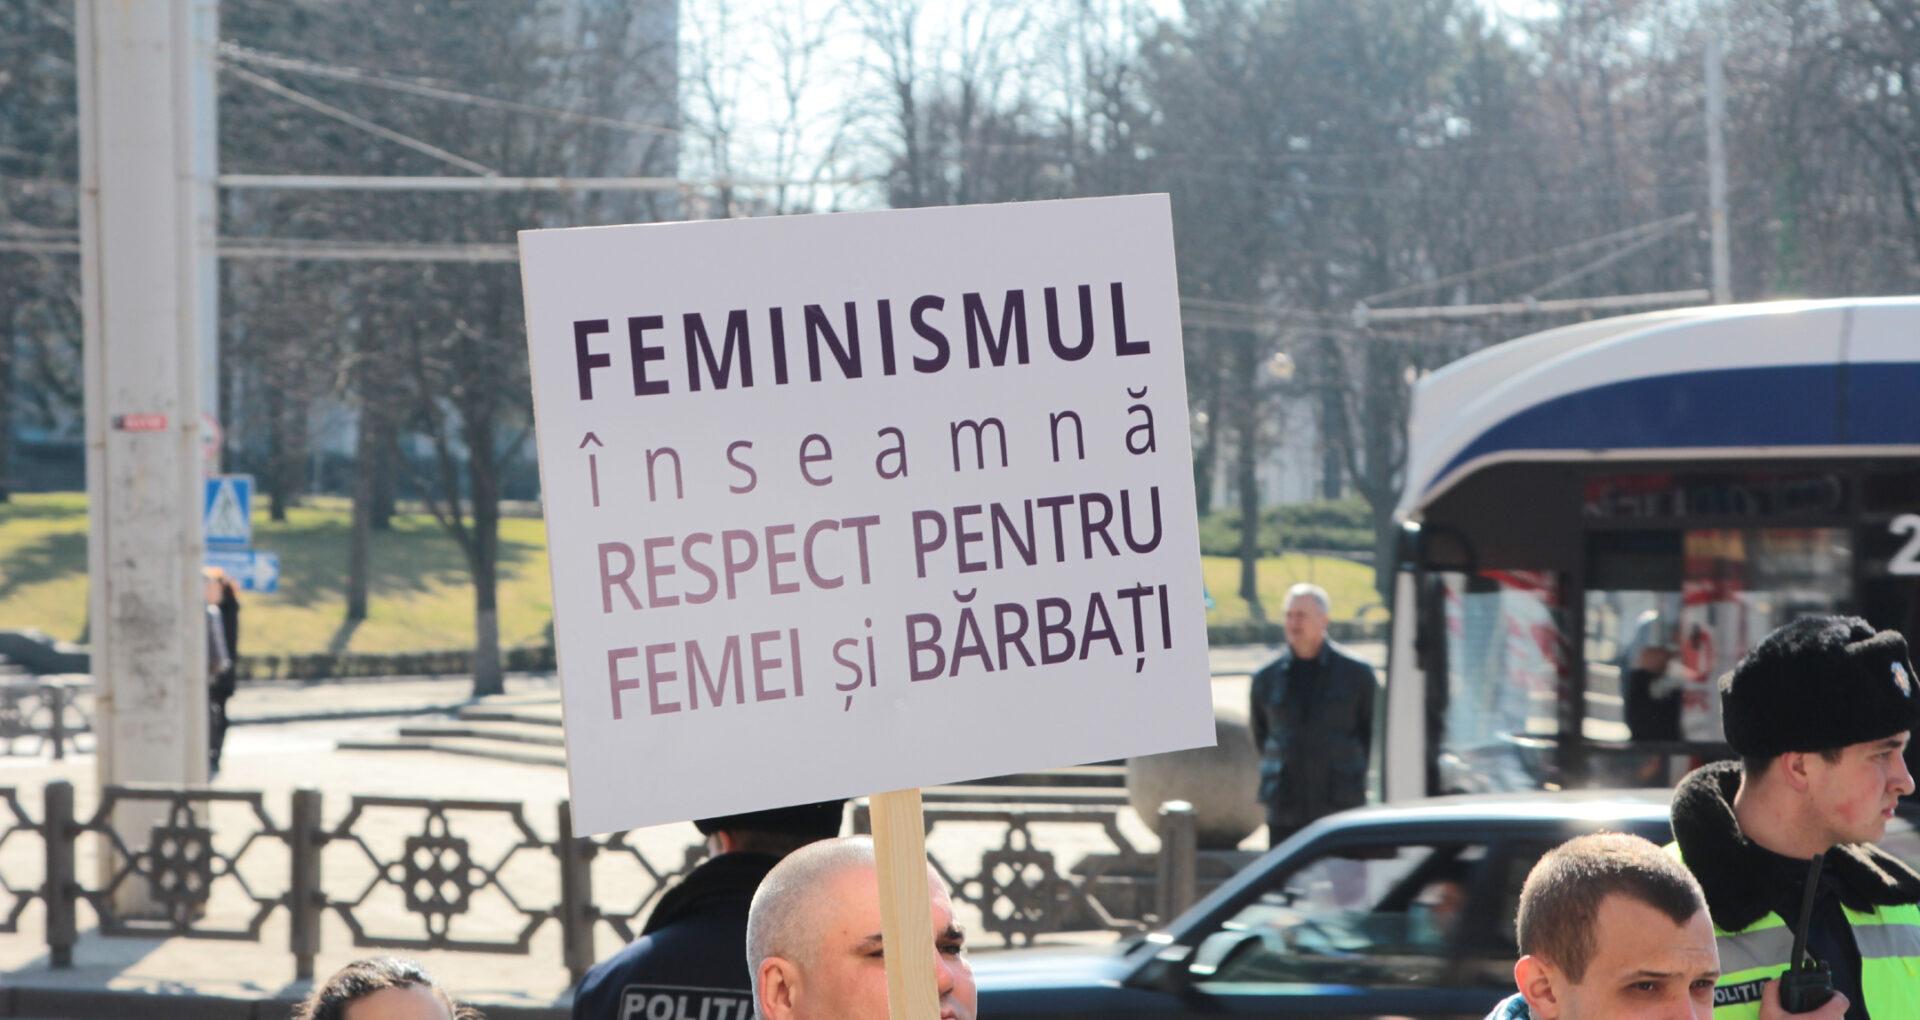 Declarații sexiste făcute de persoane publice